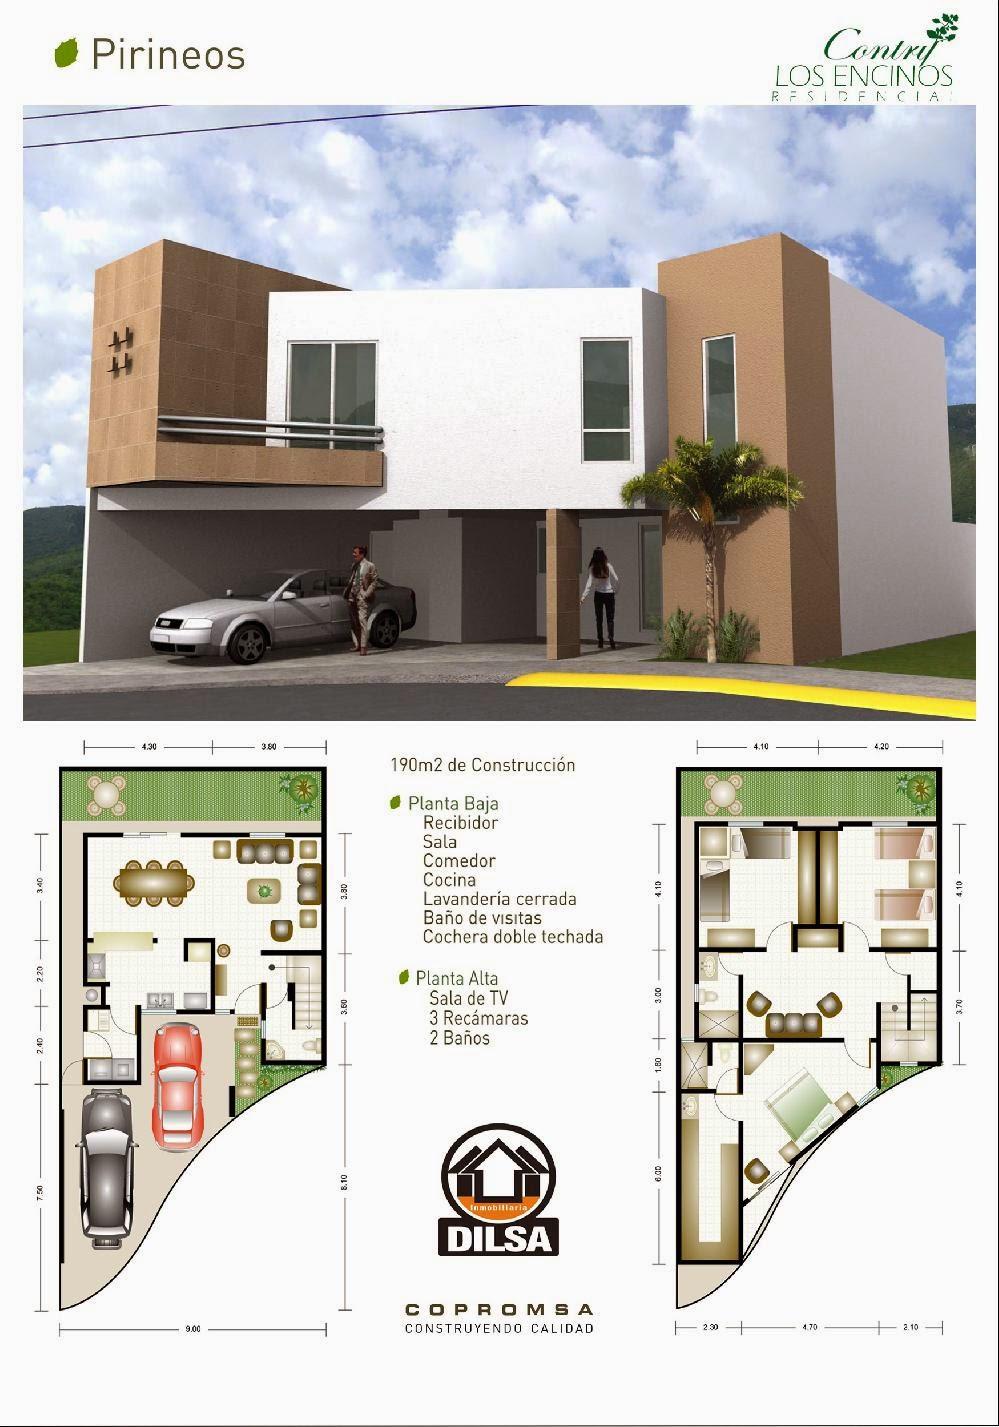 Modelo Pirineos en Contry Los Encinos Residencial planos y fachadas